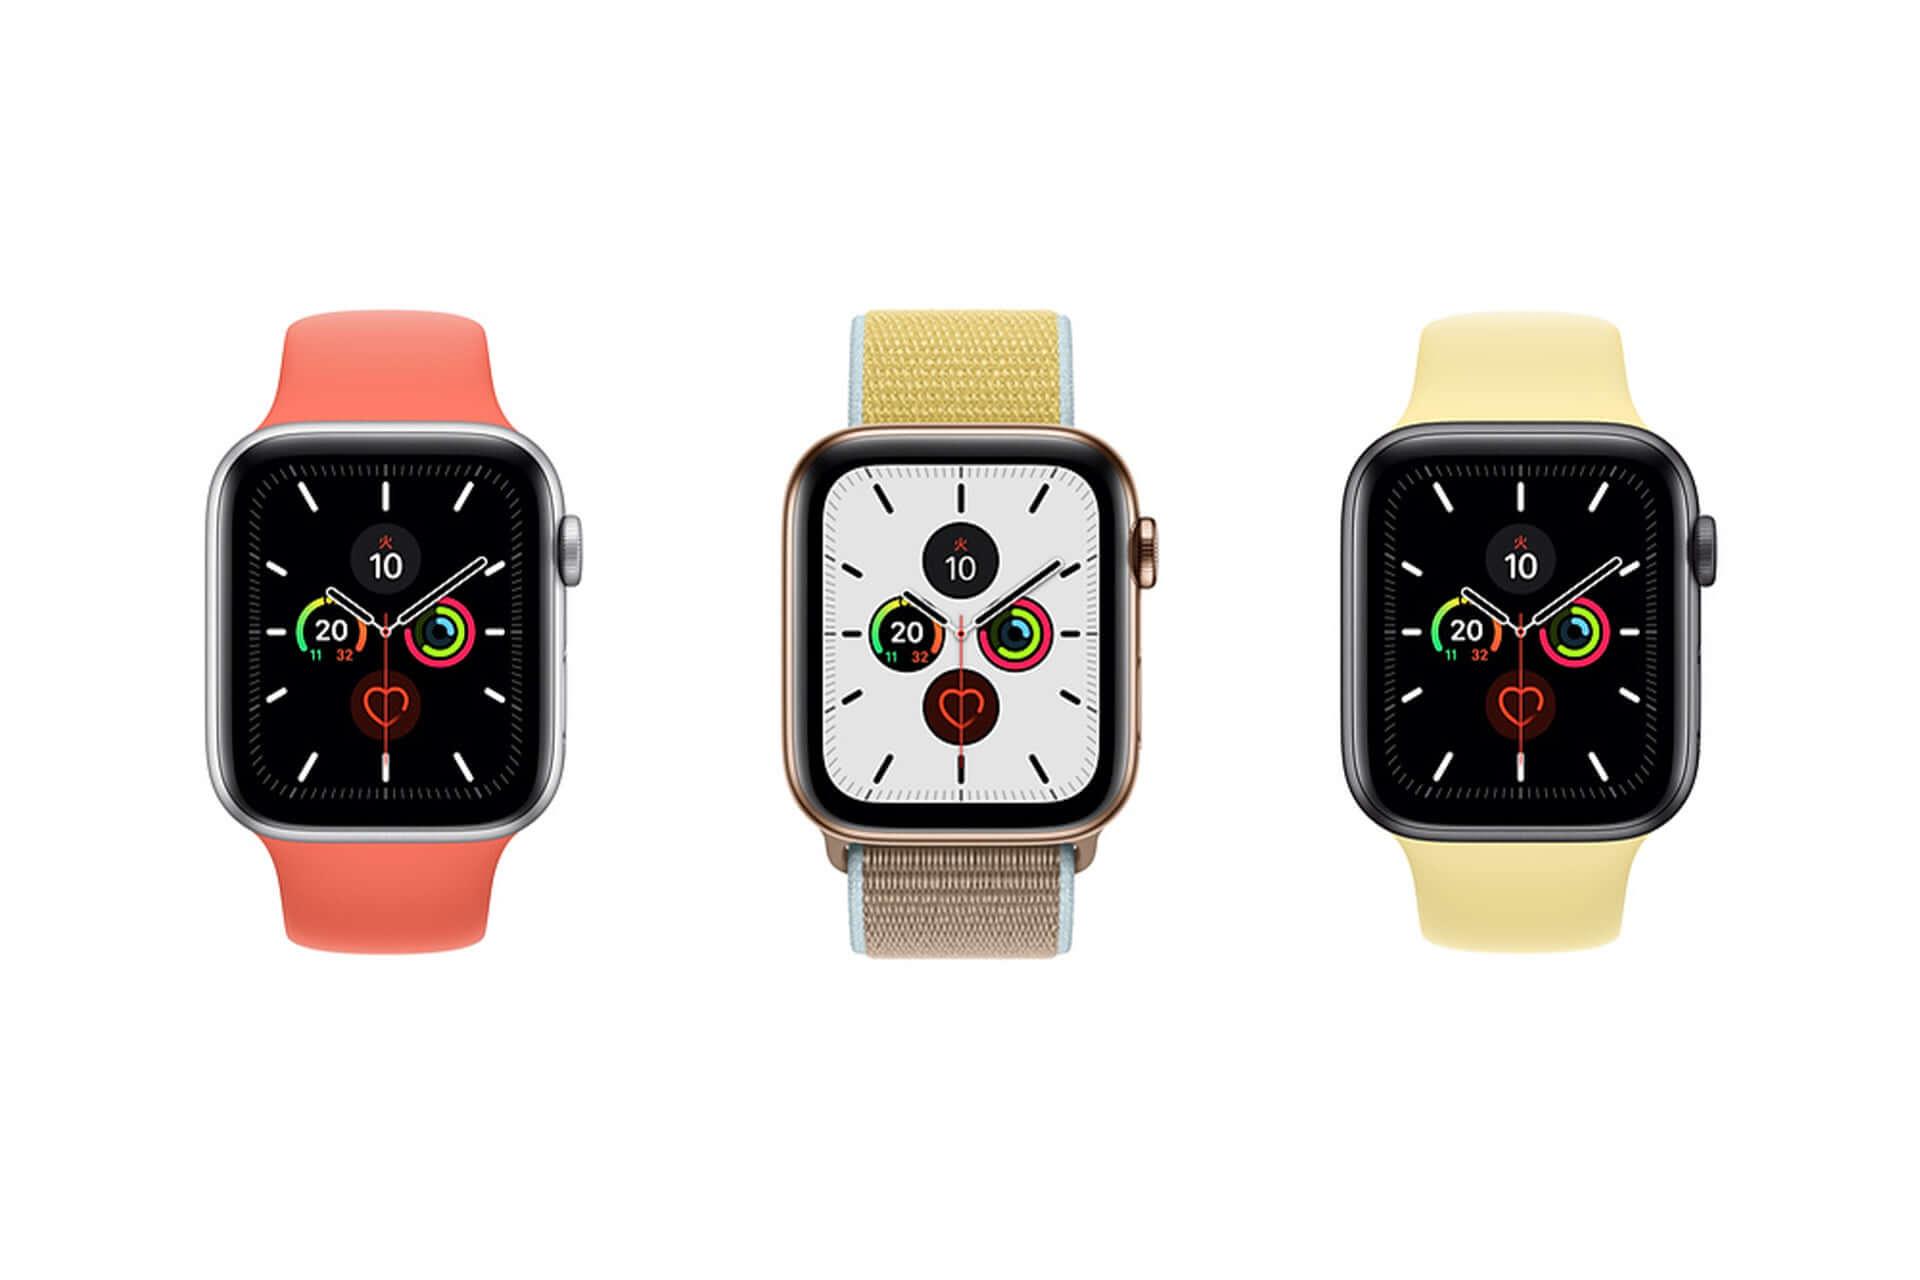 iPhone 11 Proだけじゃない!Apple Watch Series 5も発売決定 どこが進化した? tech190911_apple_applewatch_main-1920x1280